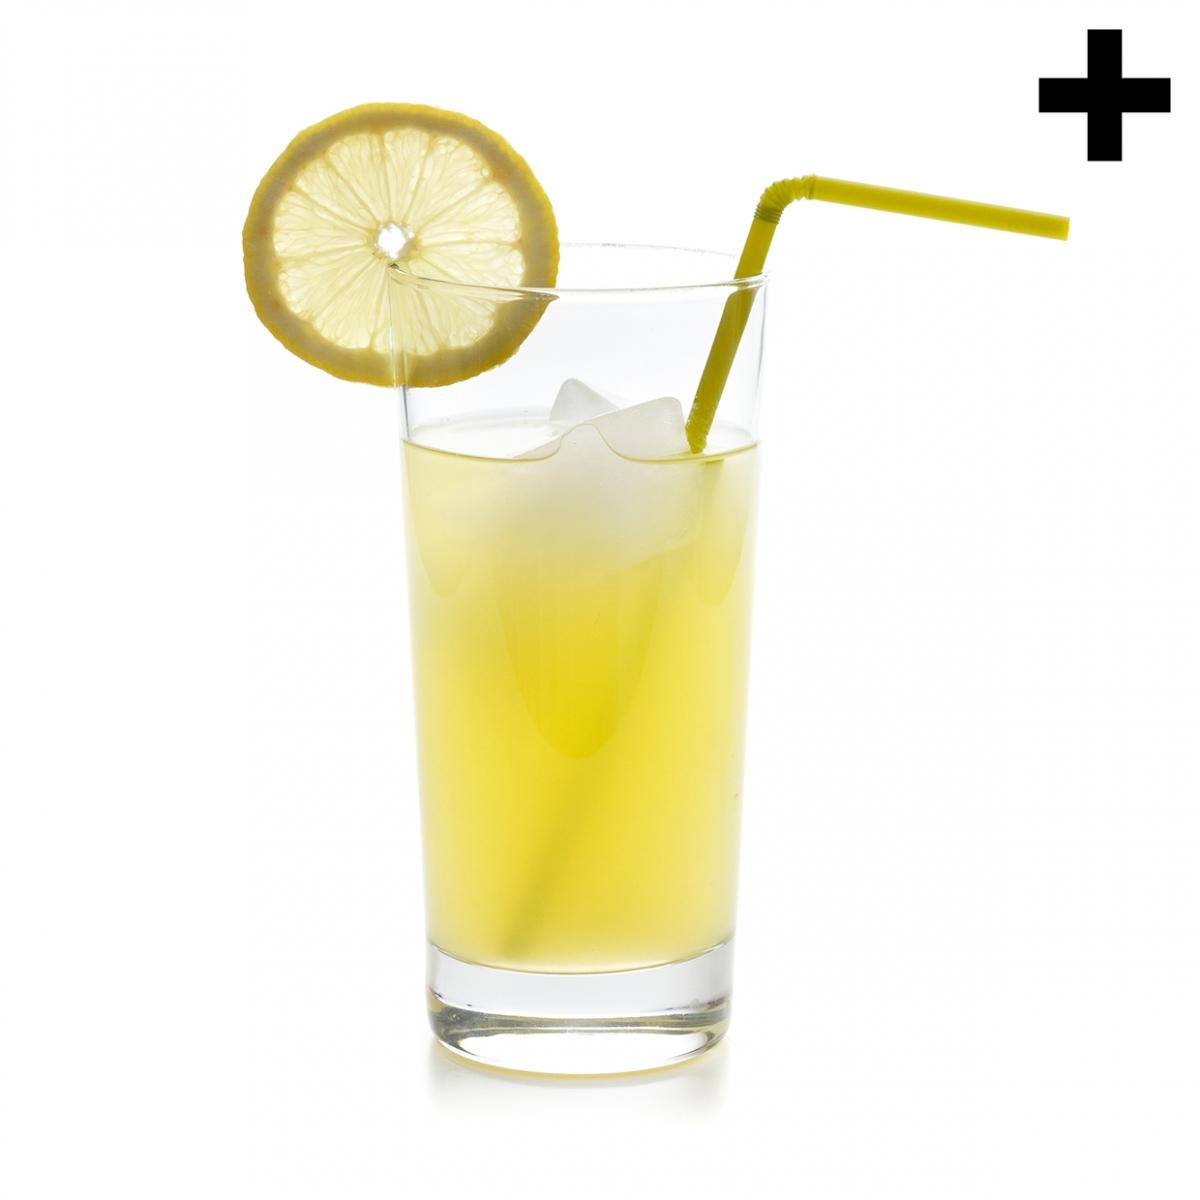 Imagen en la que se ve un vaso con limonada, una rodaja de limón en el borde y una pajita amarilla